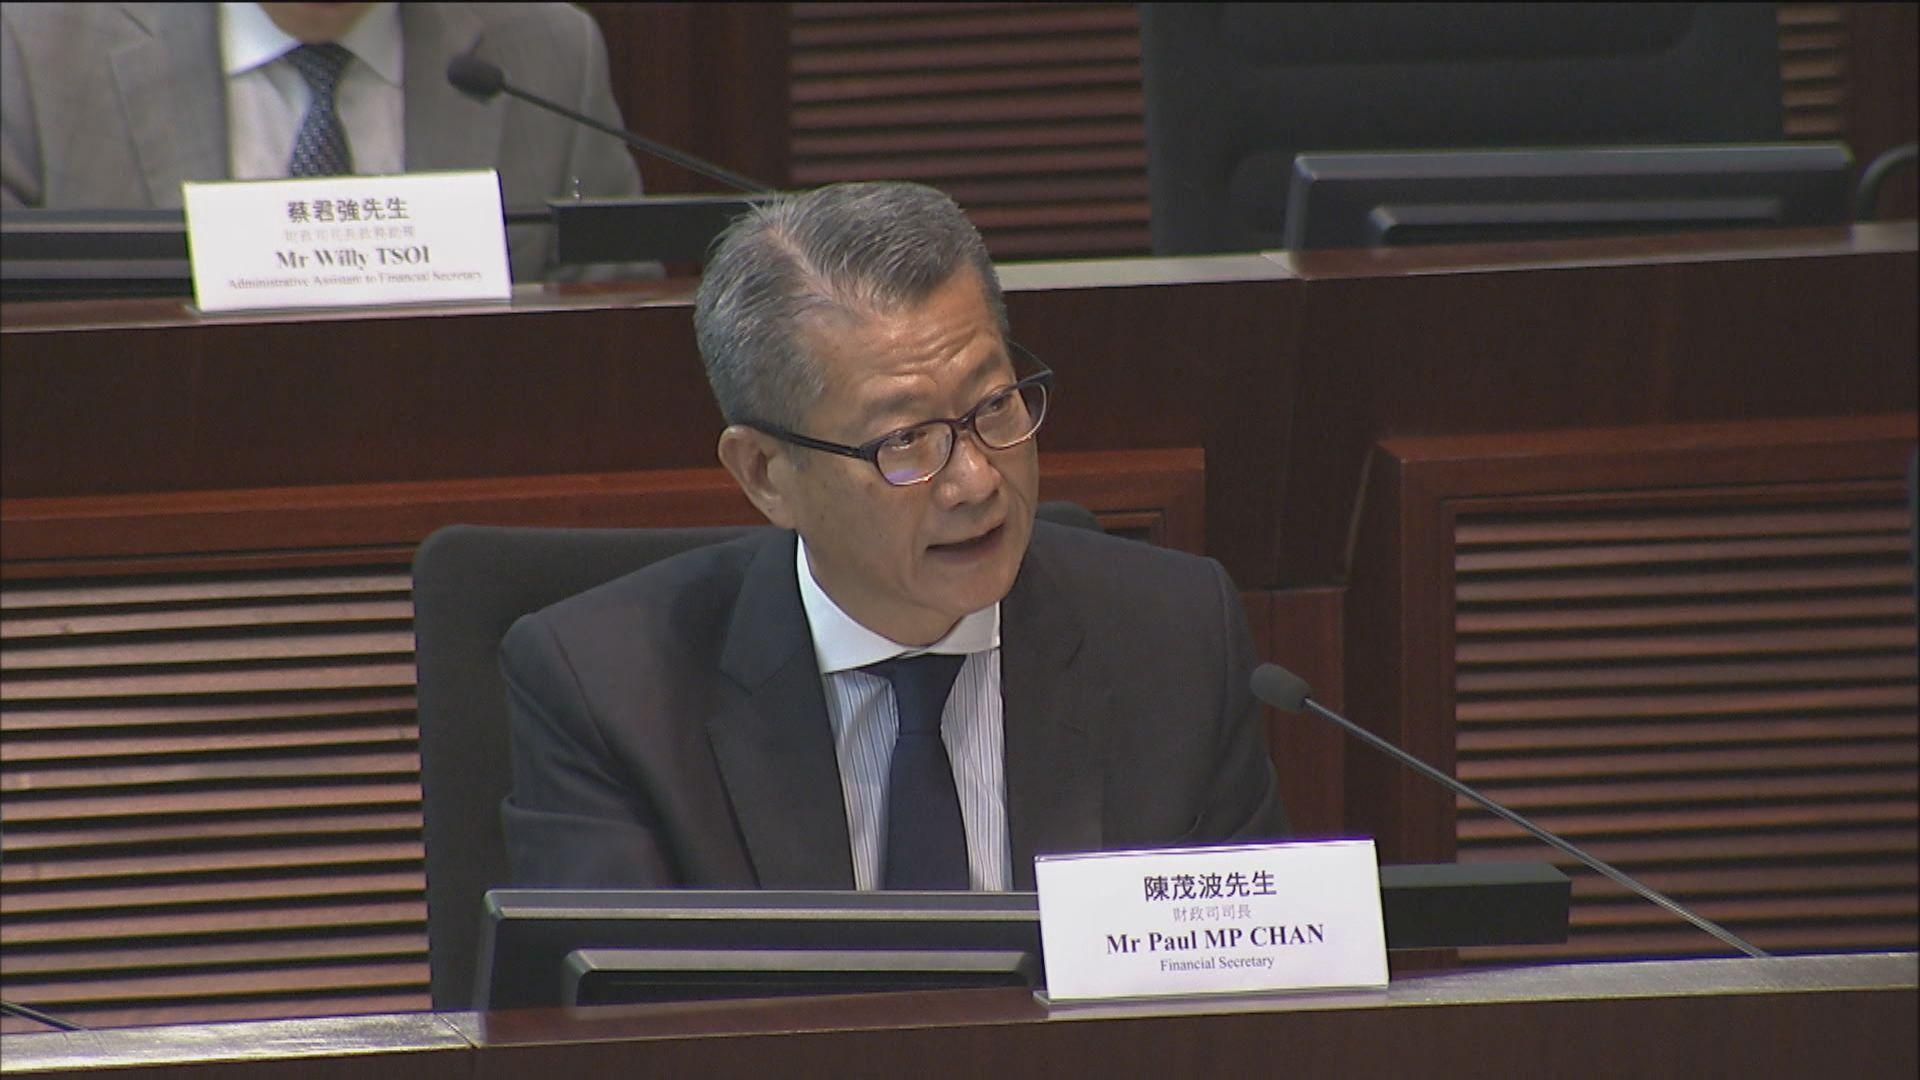 陳茂波:本年度政府將出現15年來首次財赤